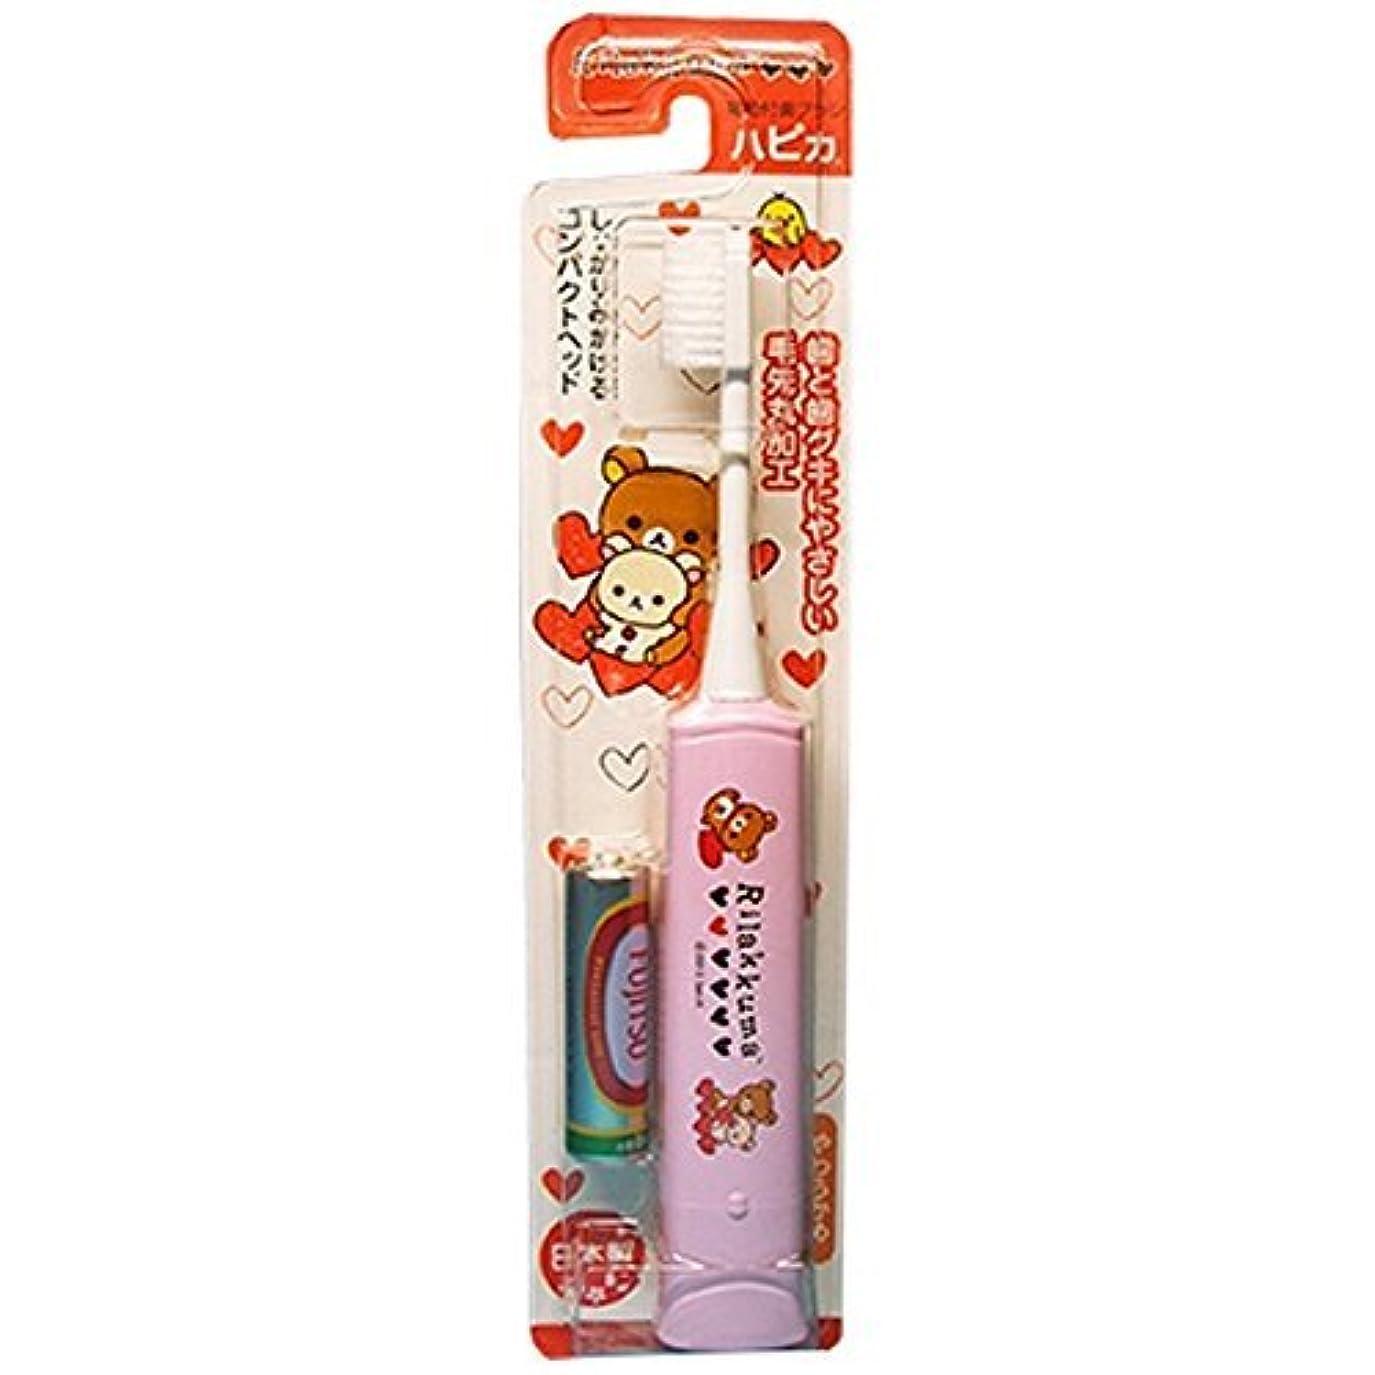 かりて製造ロデオミニマム 電動付歯ブラシ リラックマハピカ ピンク 毛の硬さ:やわらかめ DBM-5P(RK)